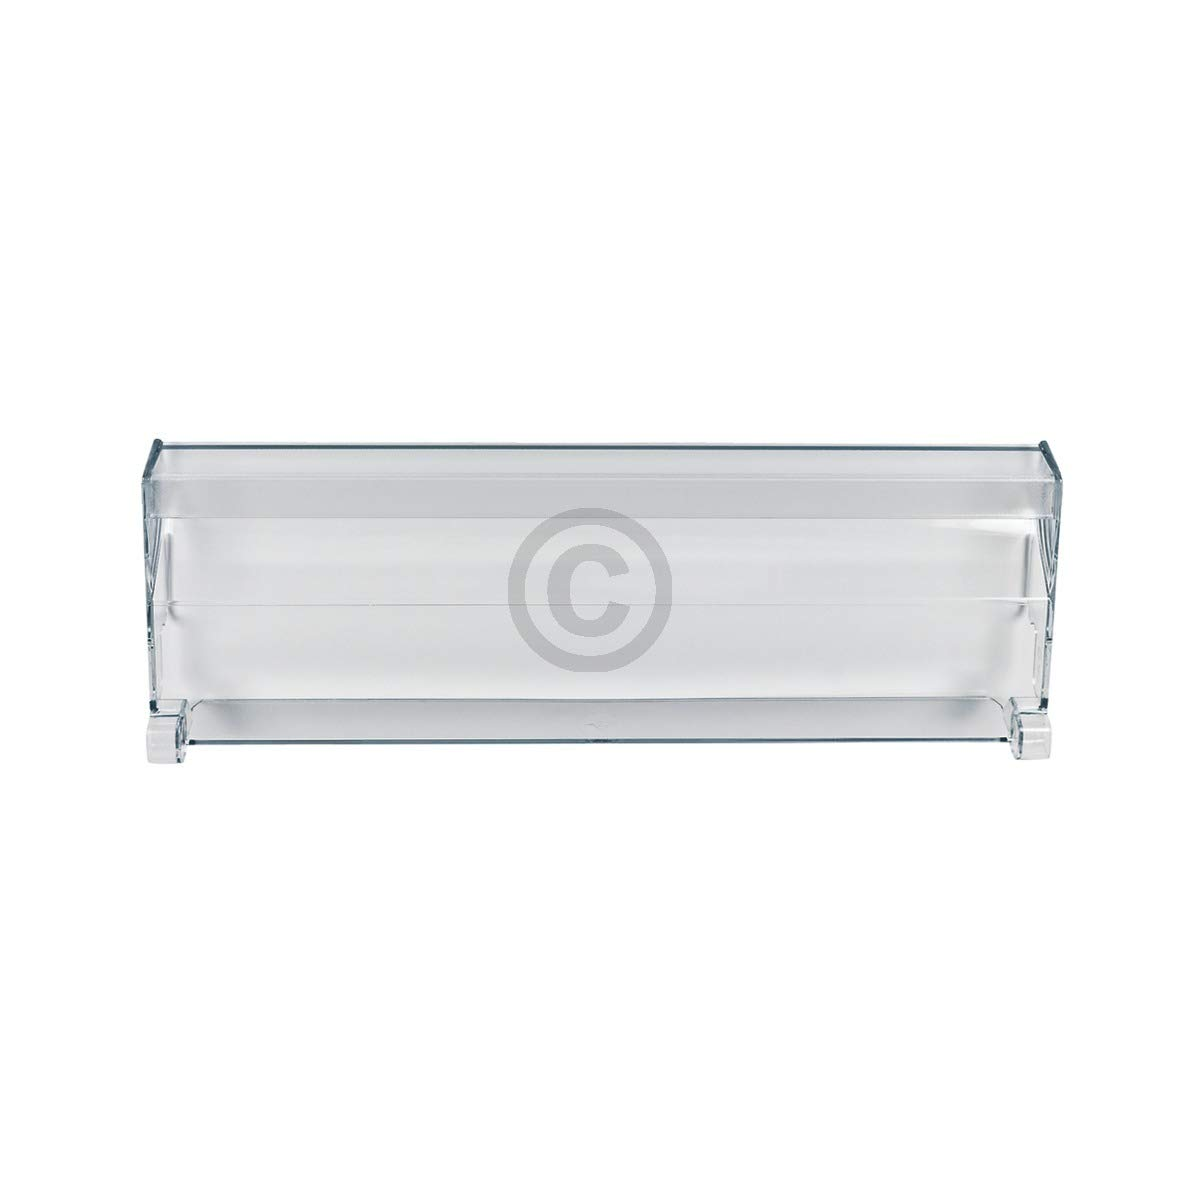 Congelador Tapa para congelador Siemens 00708742: Amazon.es: Hogar